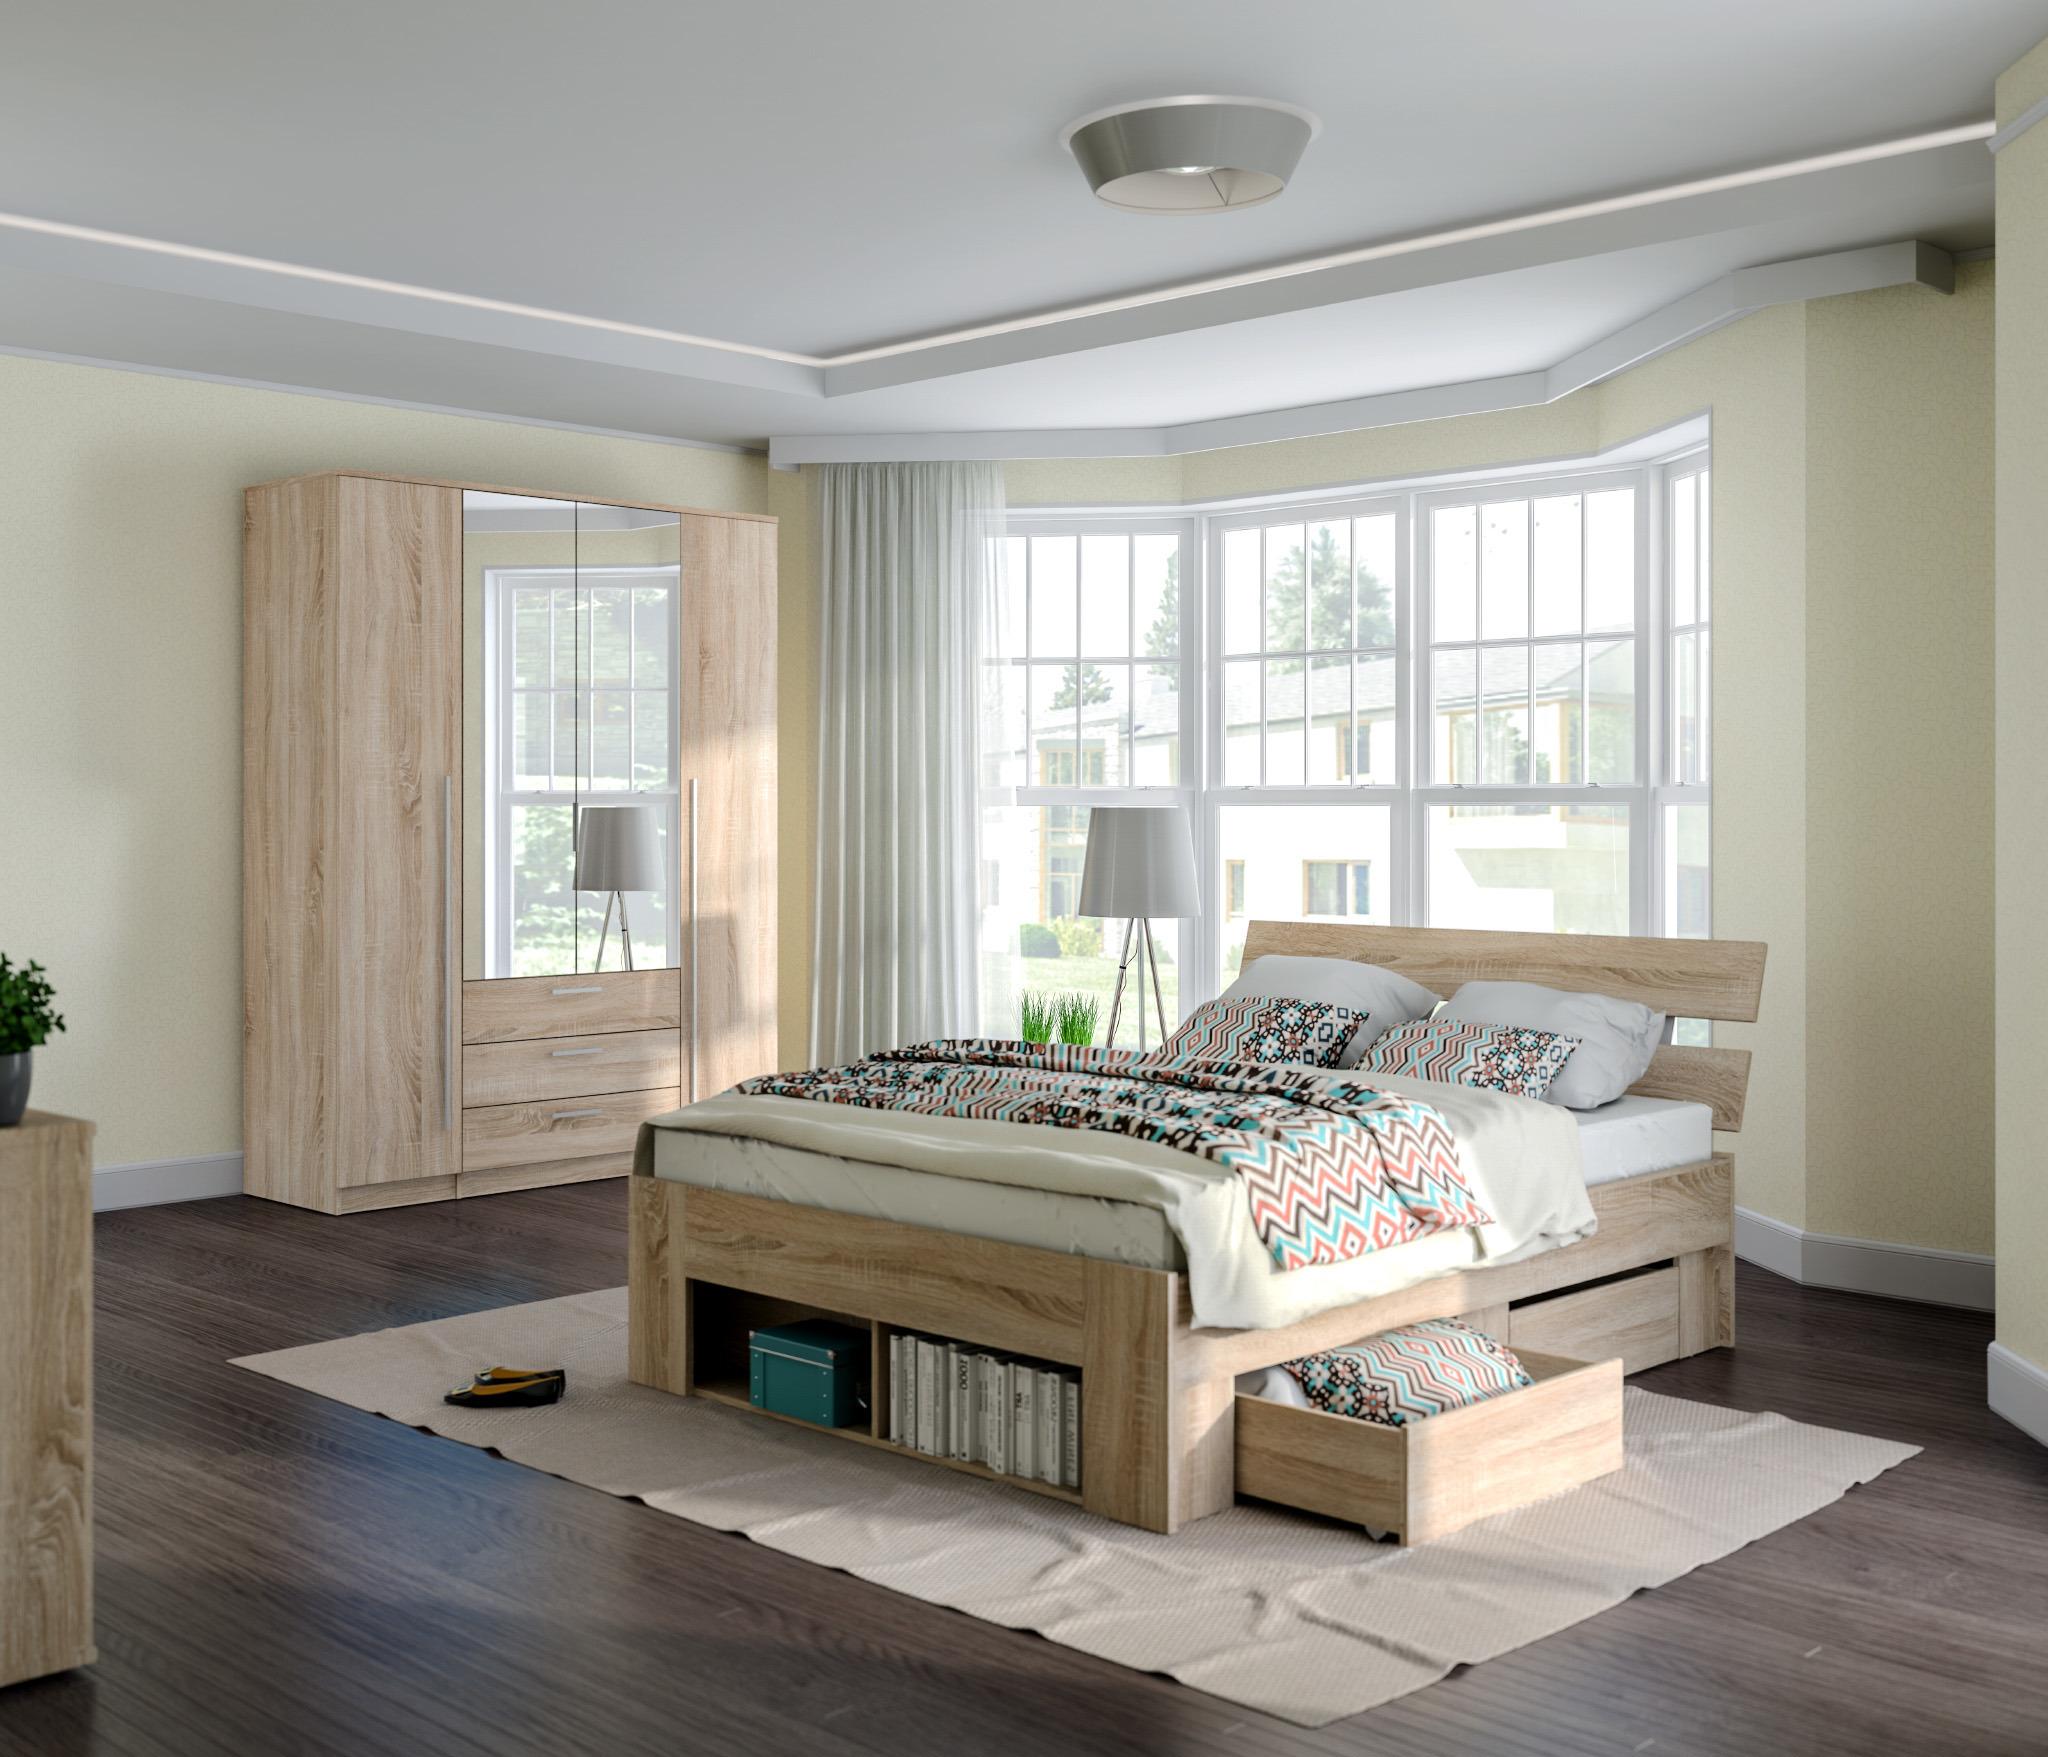 Берлин(Николь) Комплект 5 для спальни (кровать+2ящ+шк Николь 4дв)Спальные гарнитуры<br><br><br>Длина мм: 0<br>Высота мм: 0<br>Глубина мм: 0